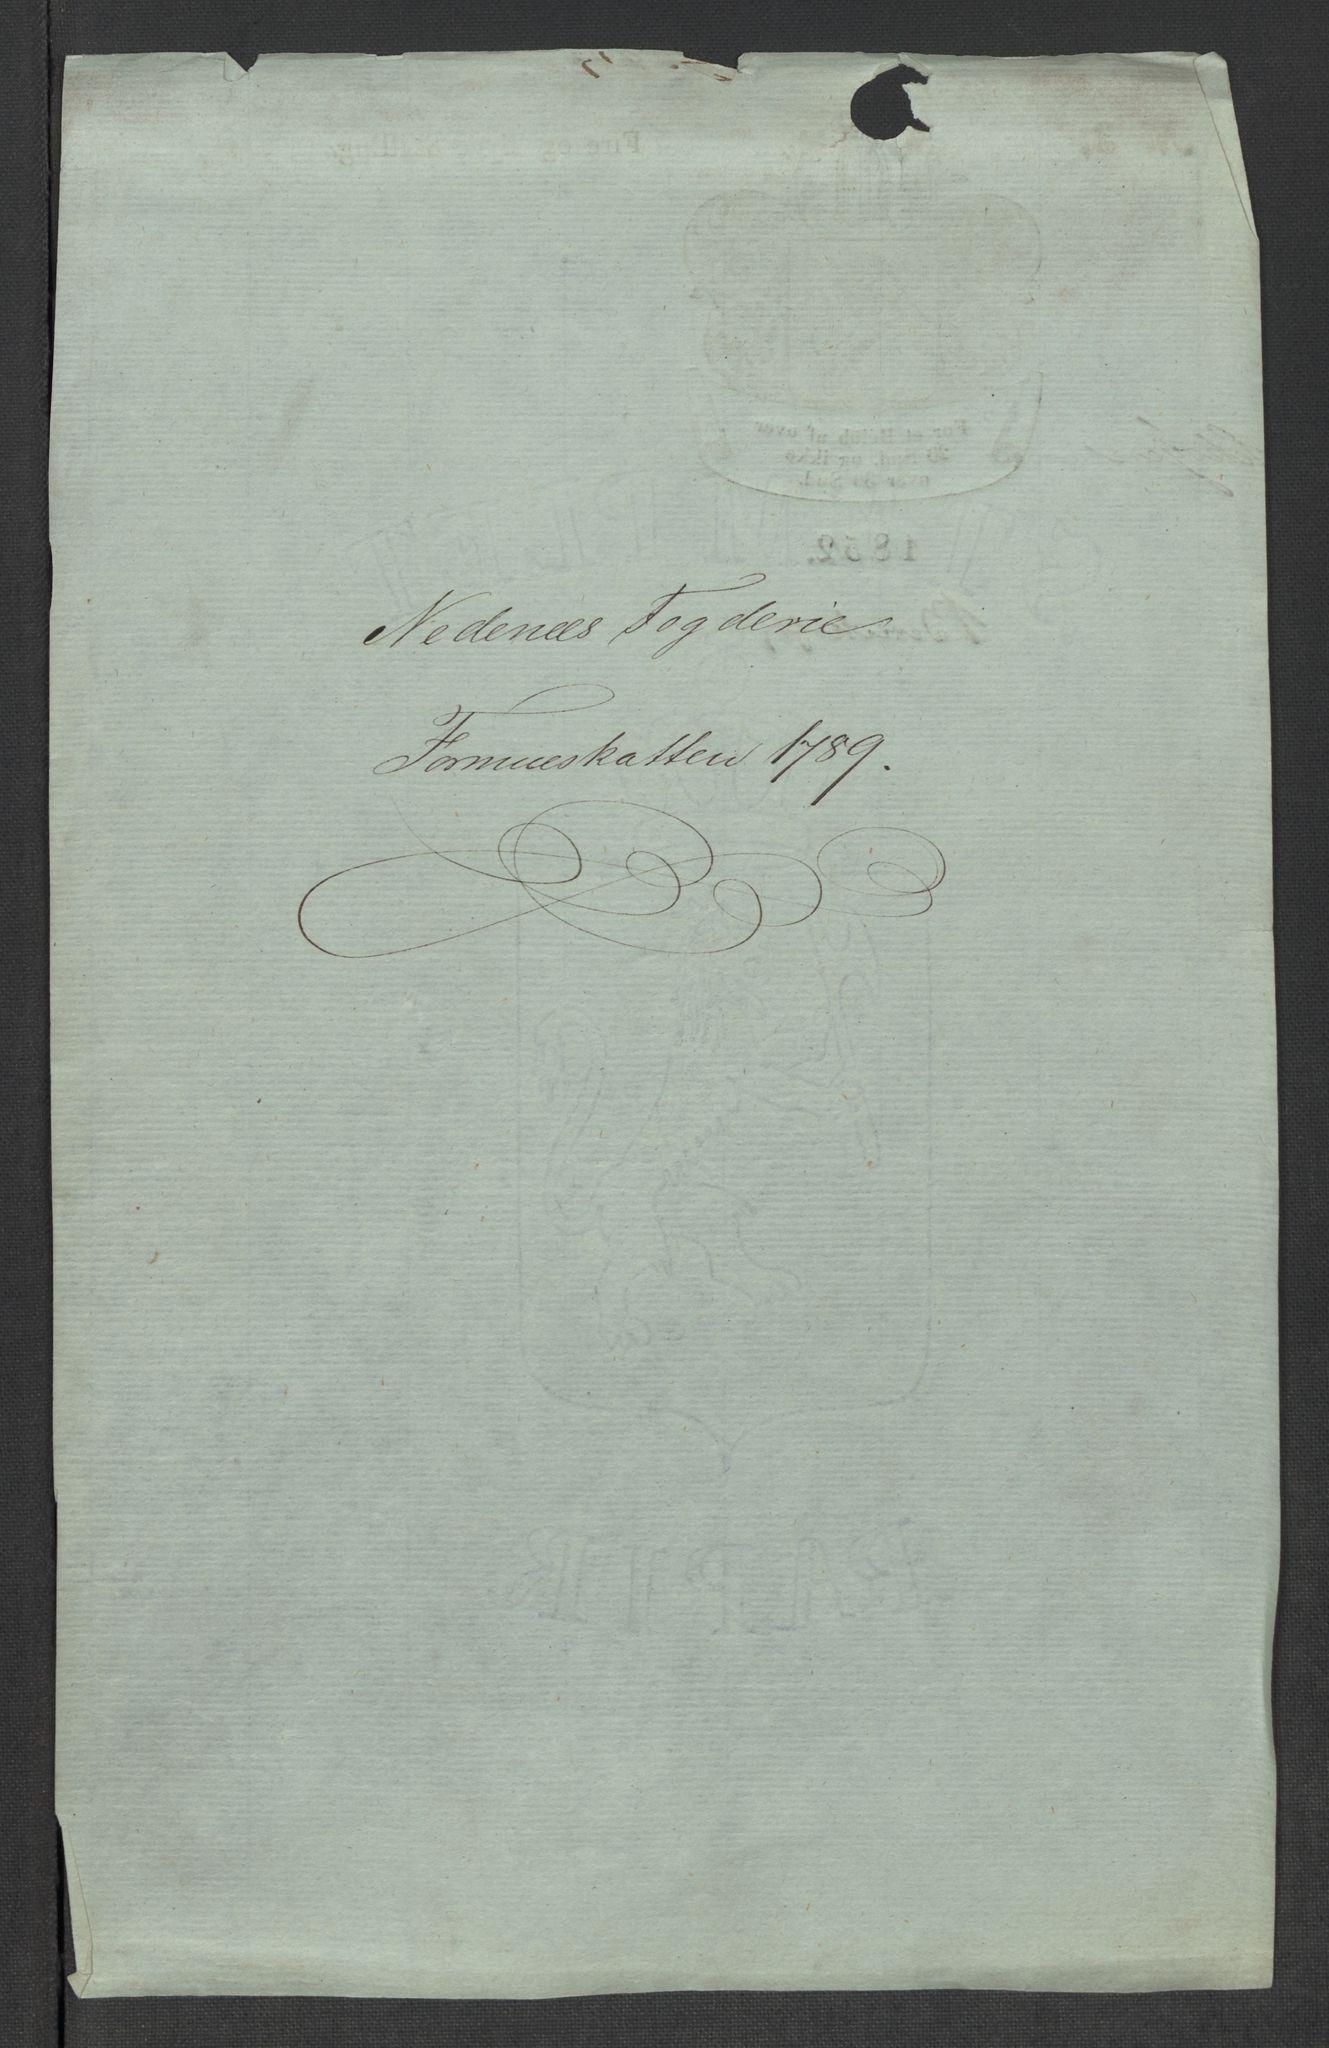 RA, Rentekammeret inntil 1814, Reviderte regnskaper, Mindre regnskaper, Rf/Rfe/L0027: Nedenes fogderi, Nedre Romerike fogderi, 1789, s. 3